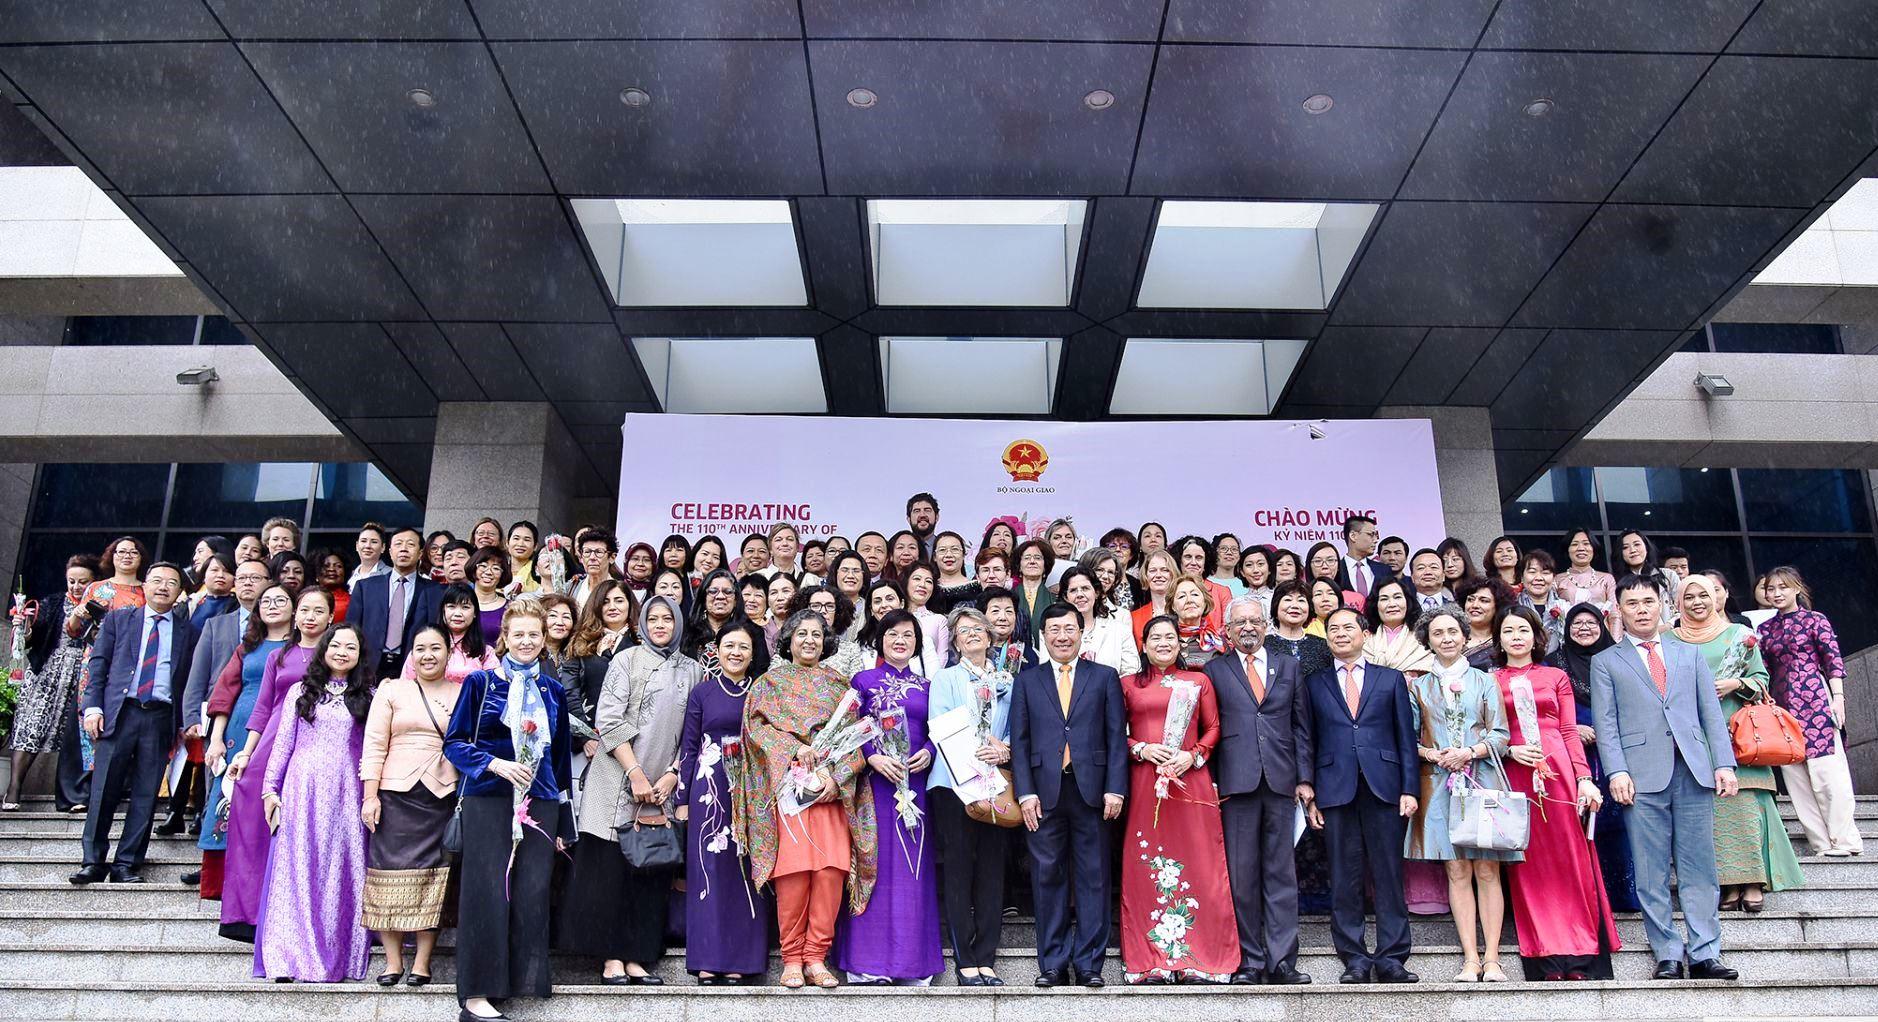 Gặp mặt Ngoại giao Đoàn kỷ niệm Ngày quốc tế phụ nữ 8 3